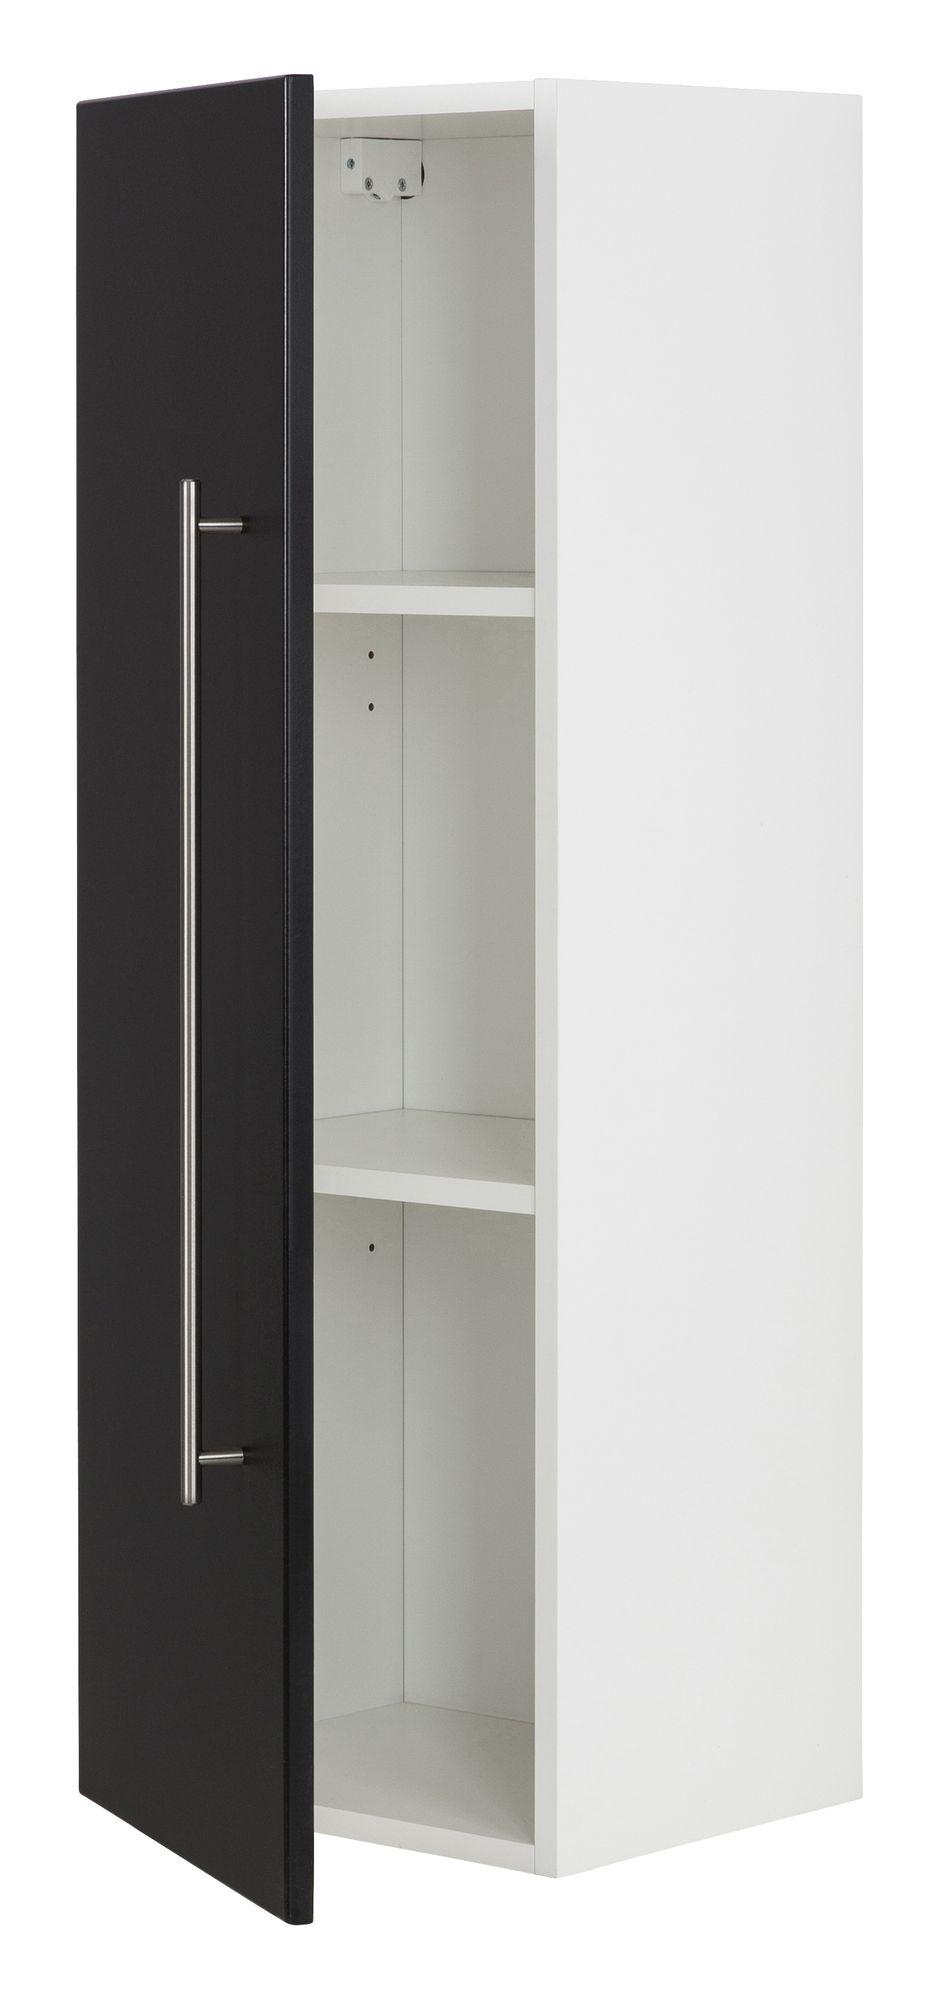 Hochschrank Basic 100, Farben: weiß/weiß hochglanz, weiß/schwarz seidenglanz,weiß/anthrazit seidenglanz, weiß/eiche hell, weiß/beton